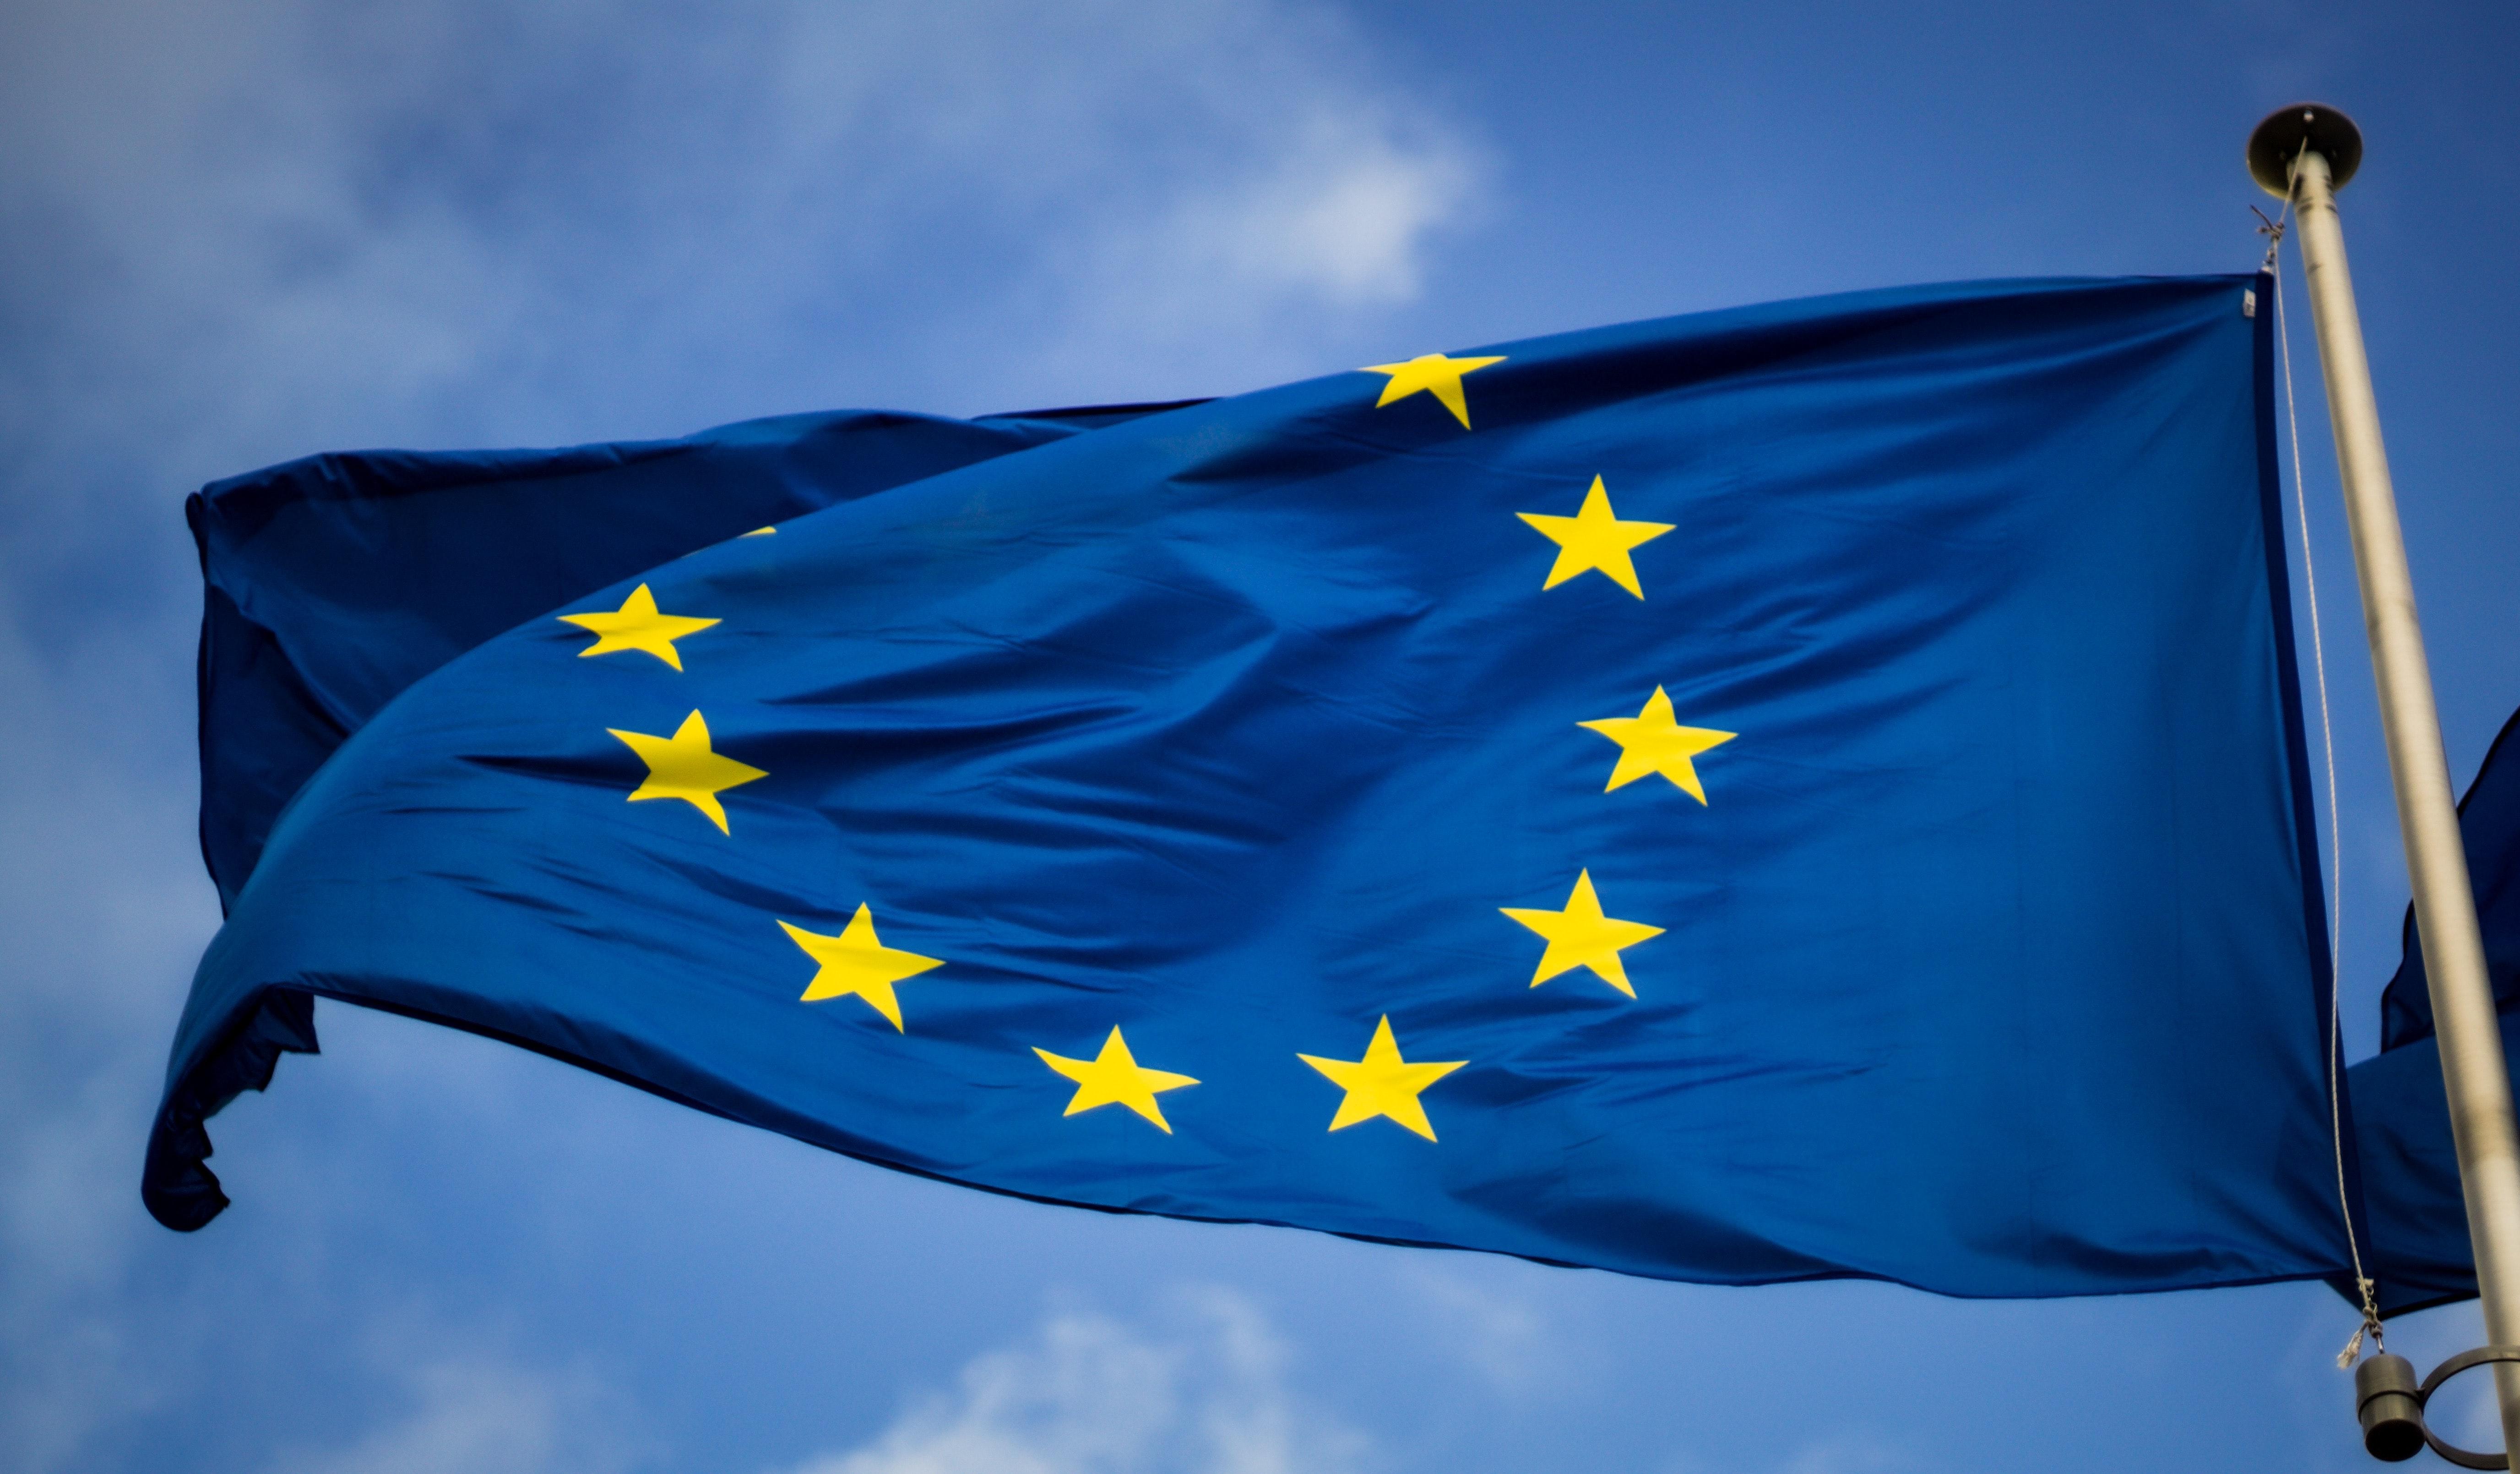 Греція в своєму економічному розвитку при пандемії - приклад для всіх країн ЄС